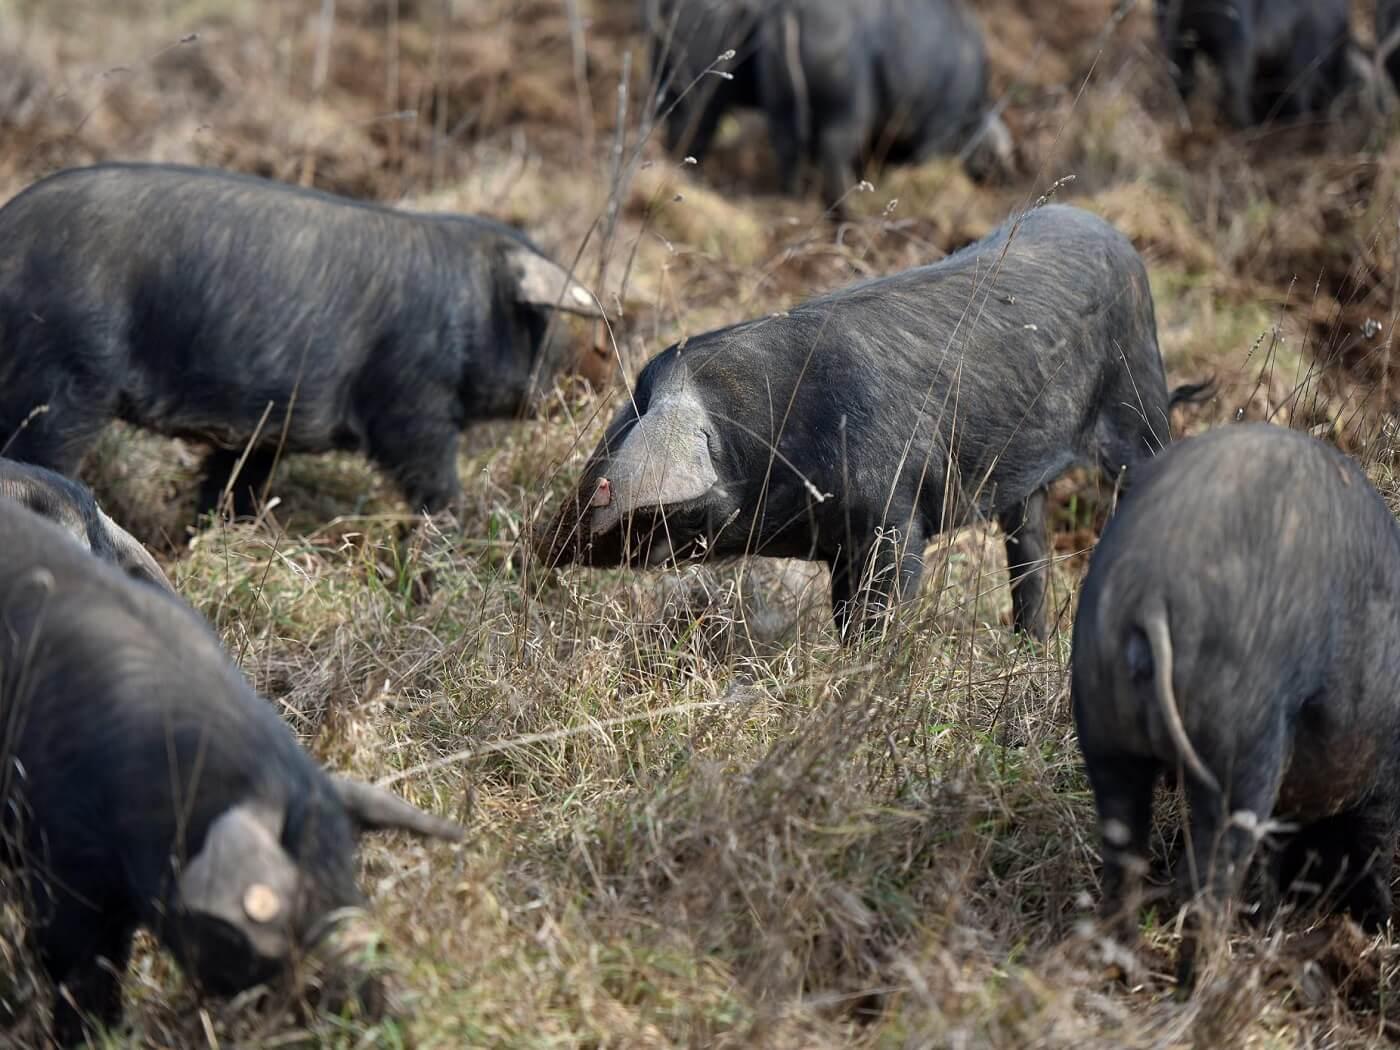 Nabavka materijala i sredstava za postavljanje dvostrukih ograda u uzgojima izvornih pasmina svinja koje se drže na otvorenom